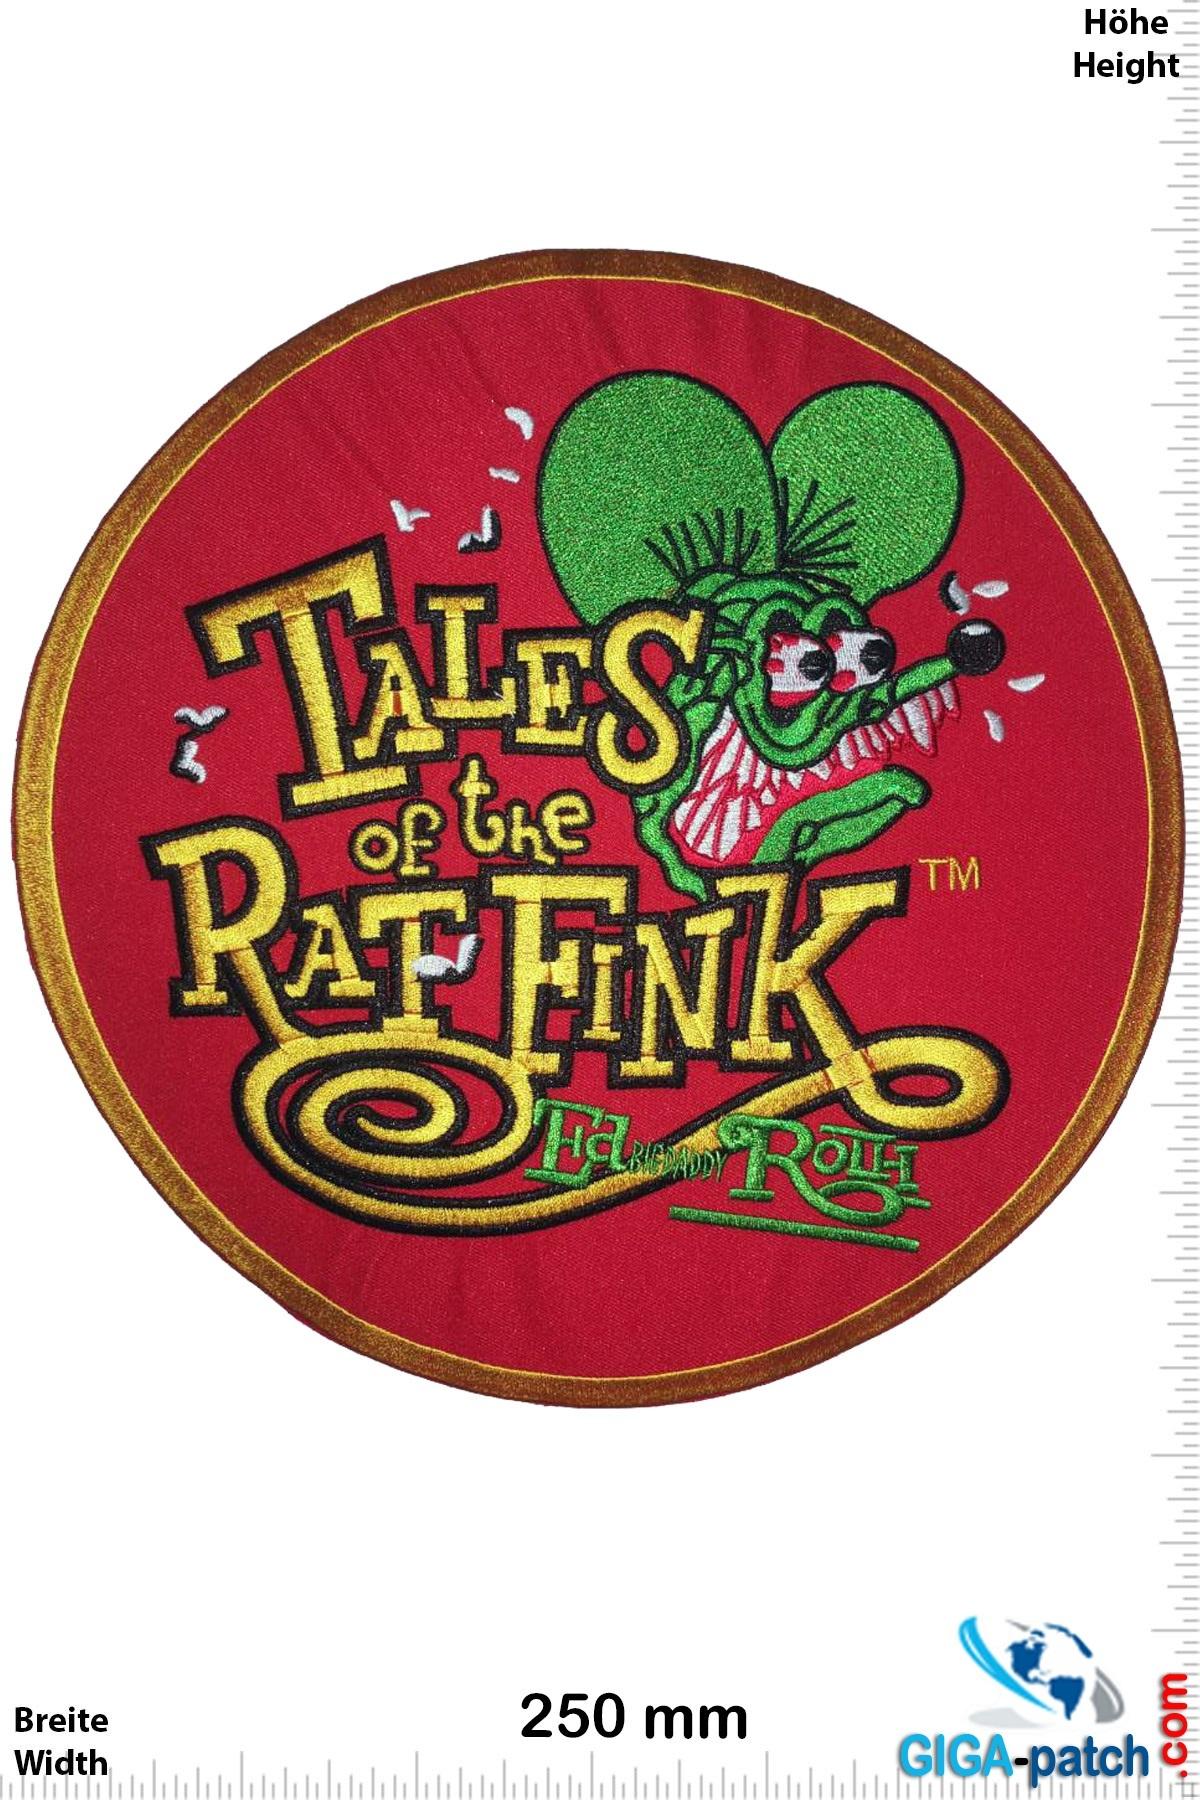 Rat Fink Tales ot the Rat Fink - 25 cm - BIG